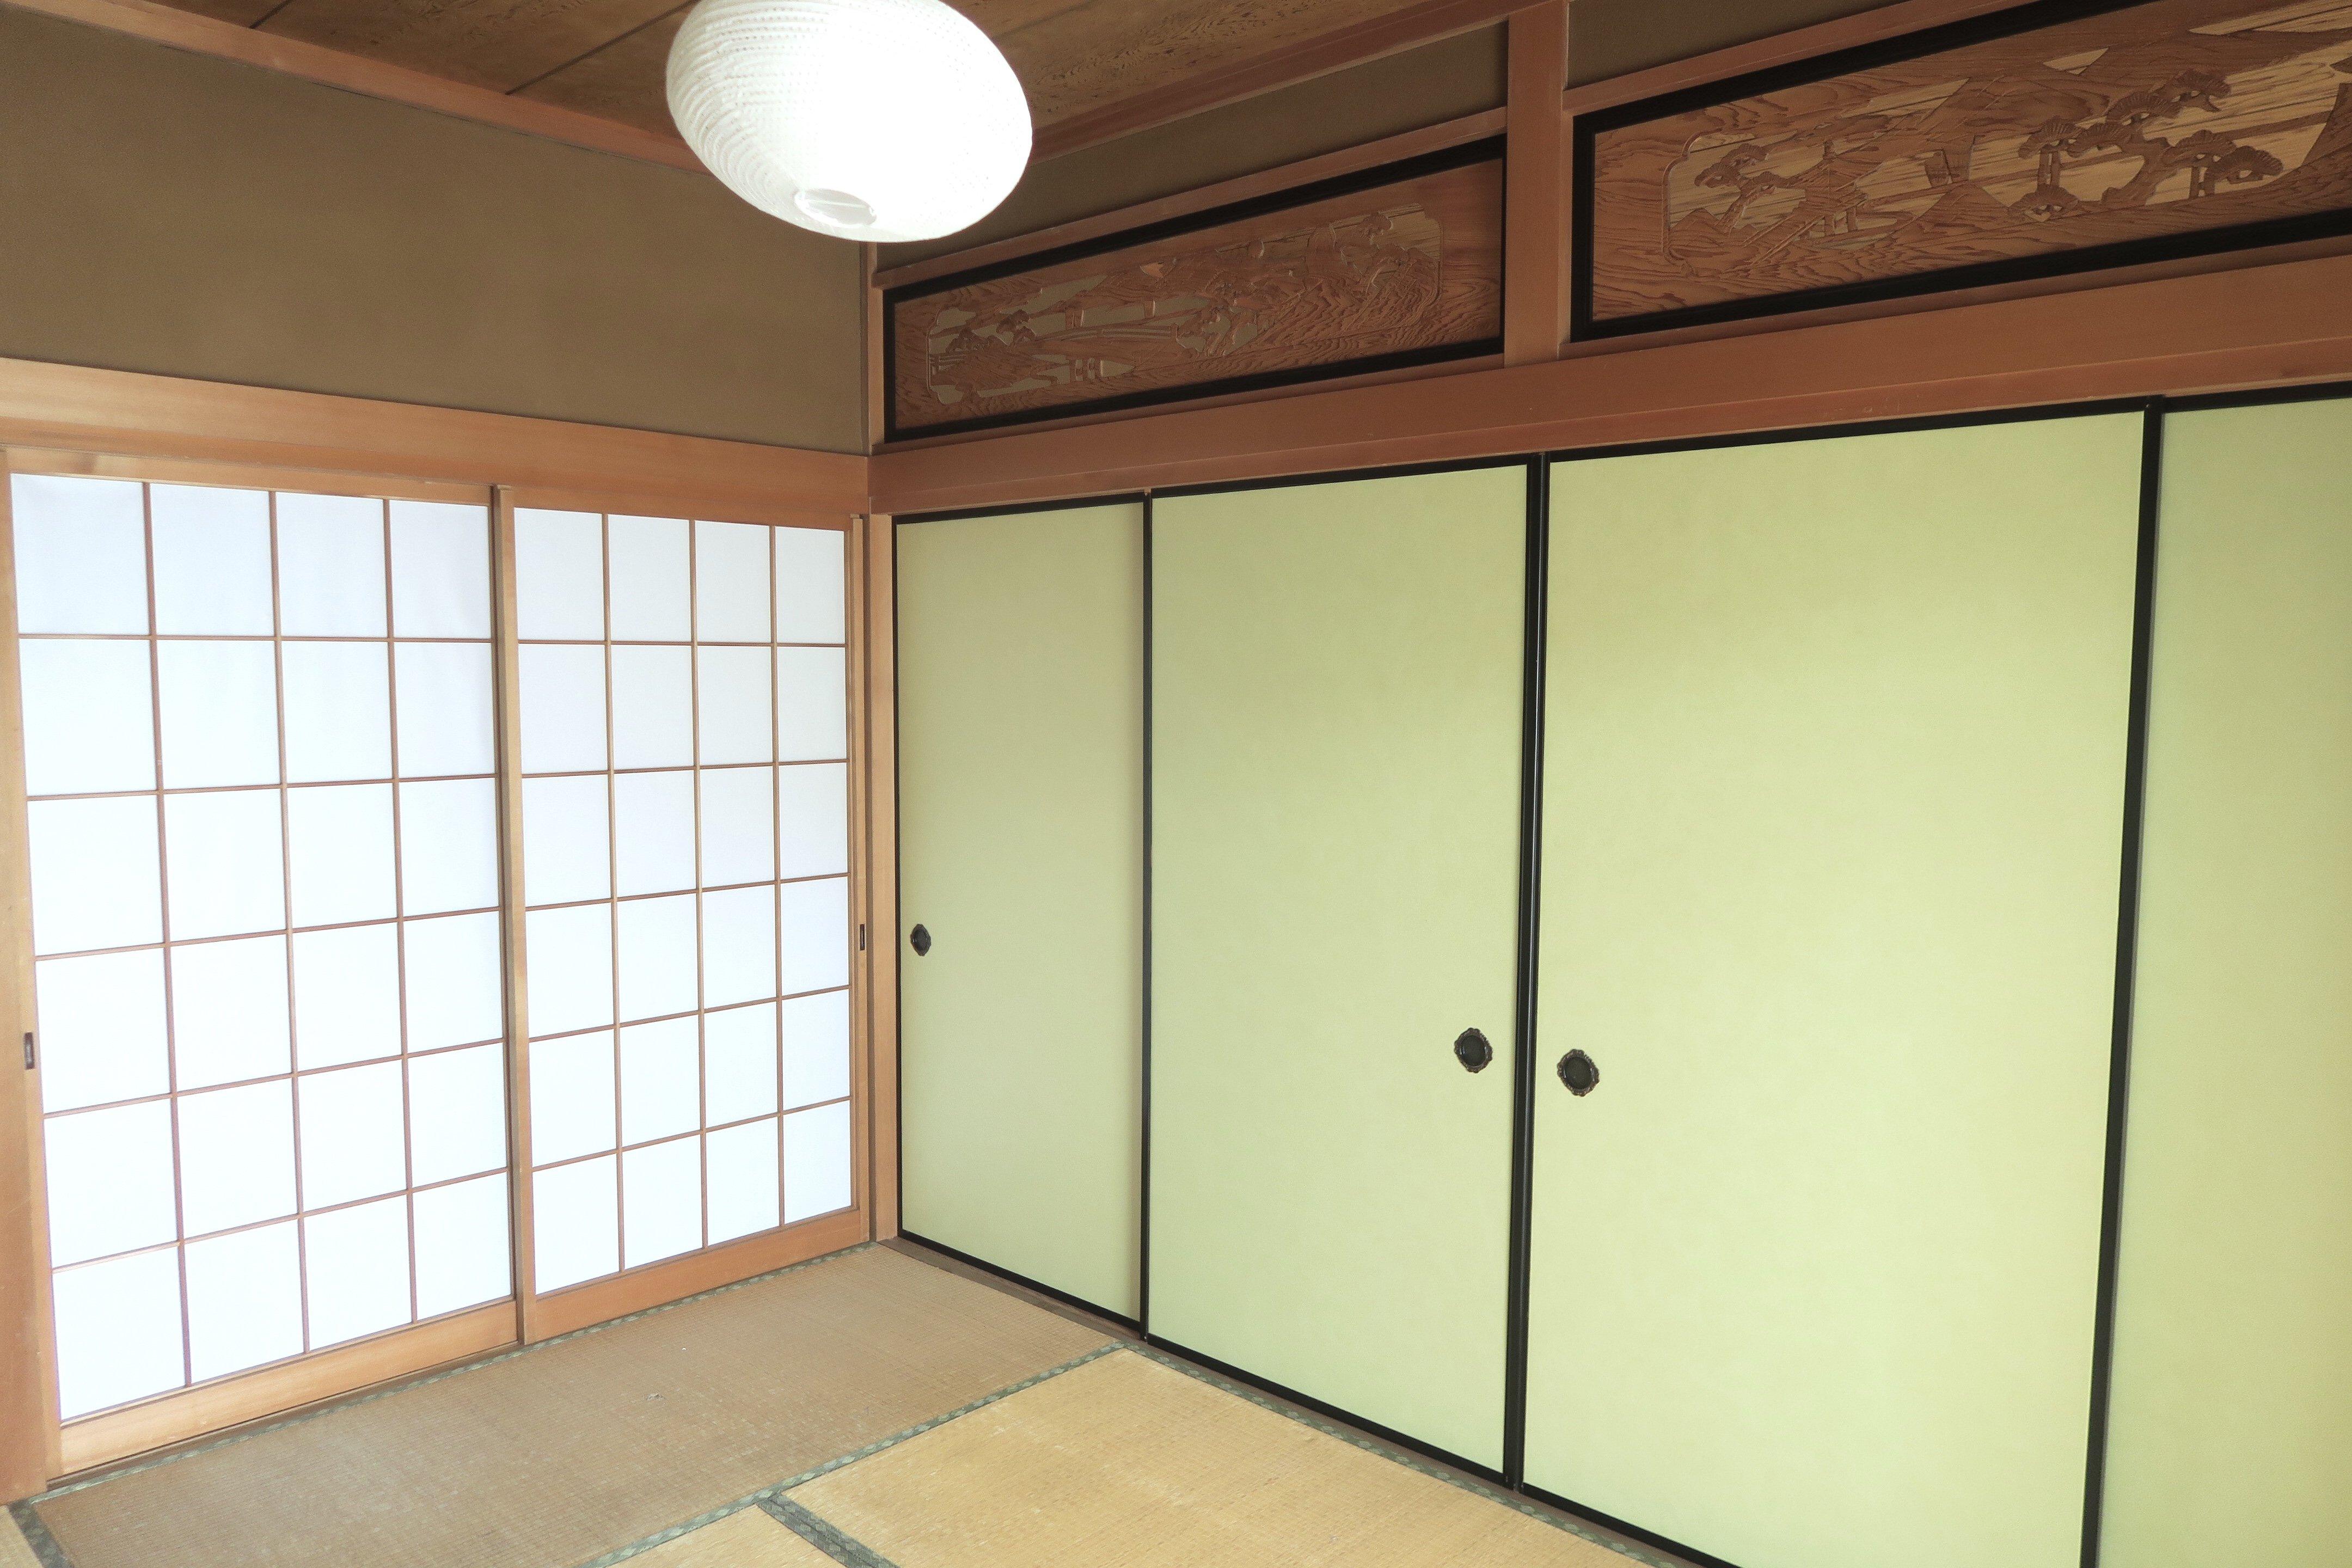 和室 (6畳) レンタルチケットのイメージその2